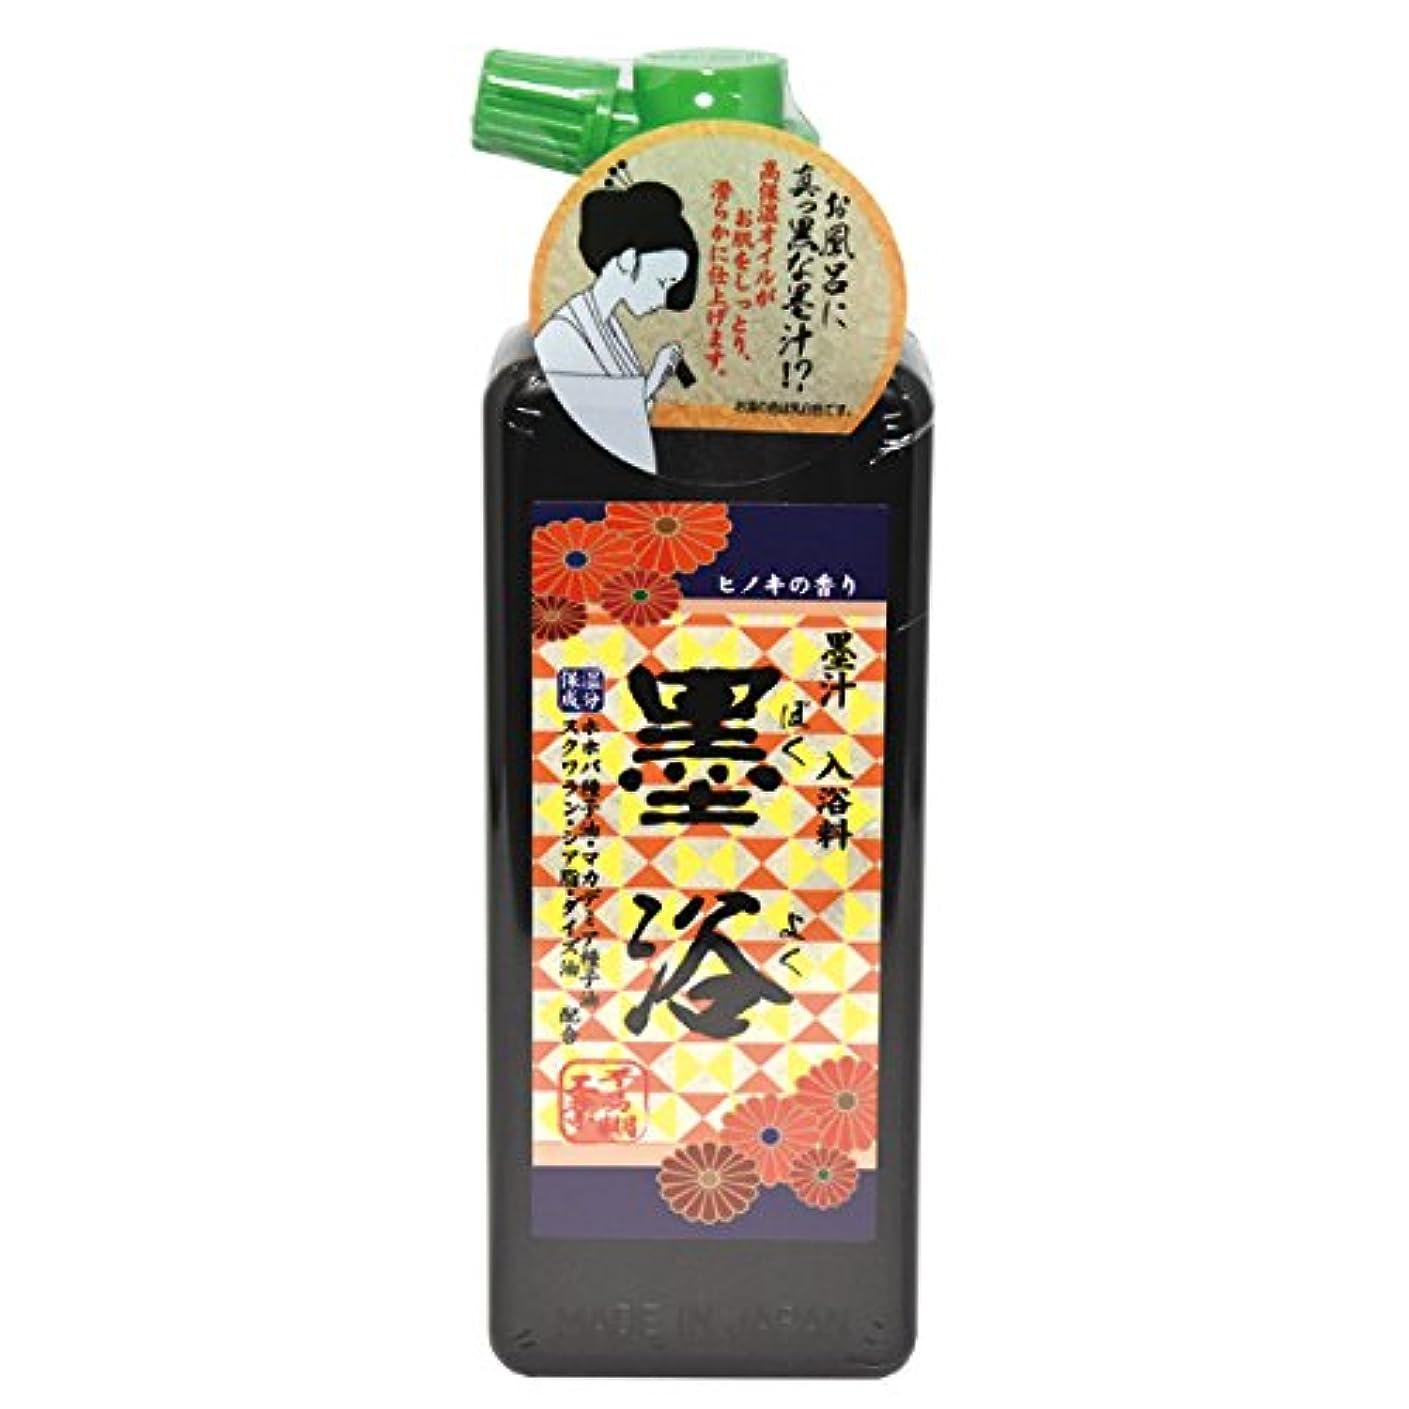 太平洋諸島部分的雑多な墨浴 ぼくよく 入浴料 ヒノキの香り 不易糊工業 BY20